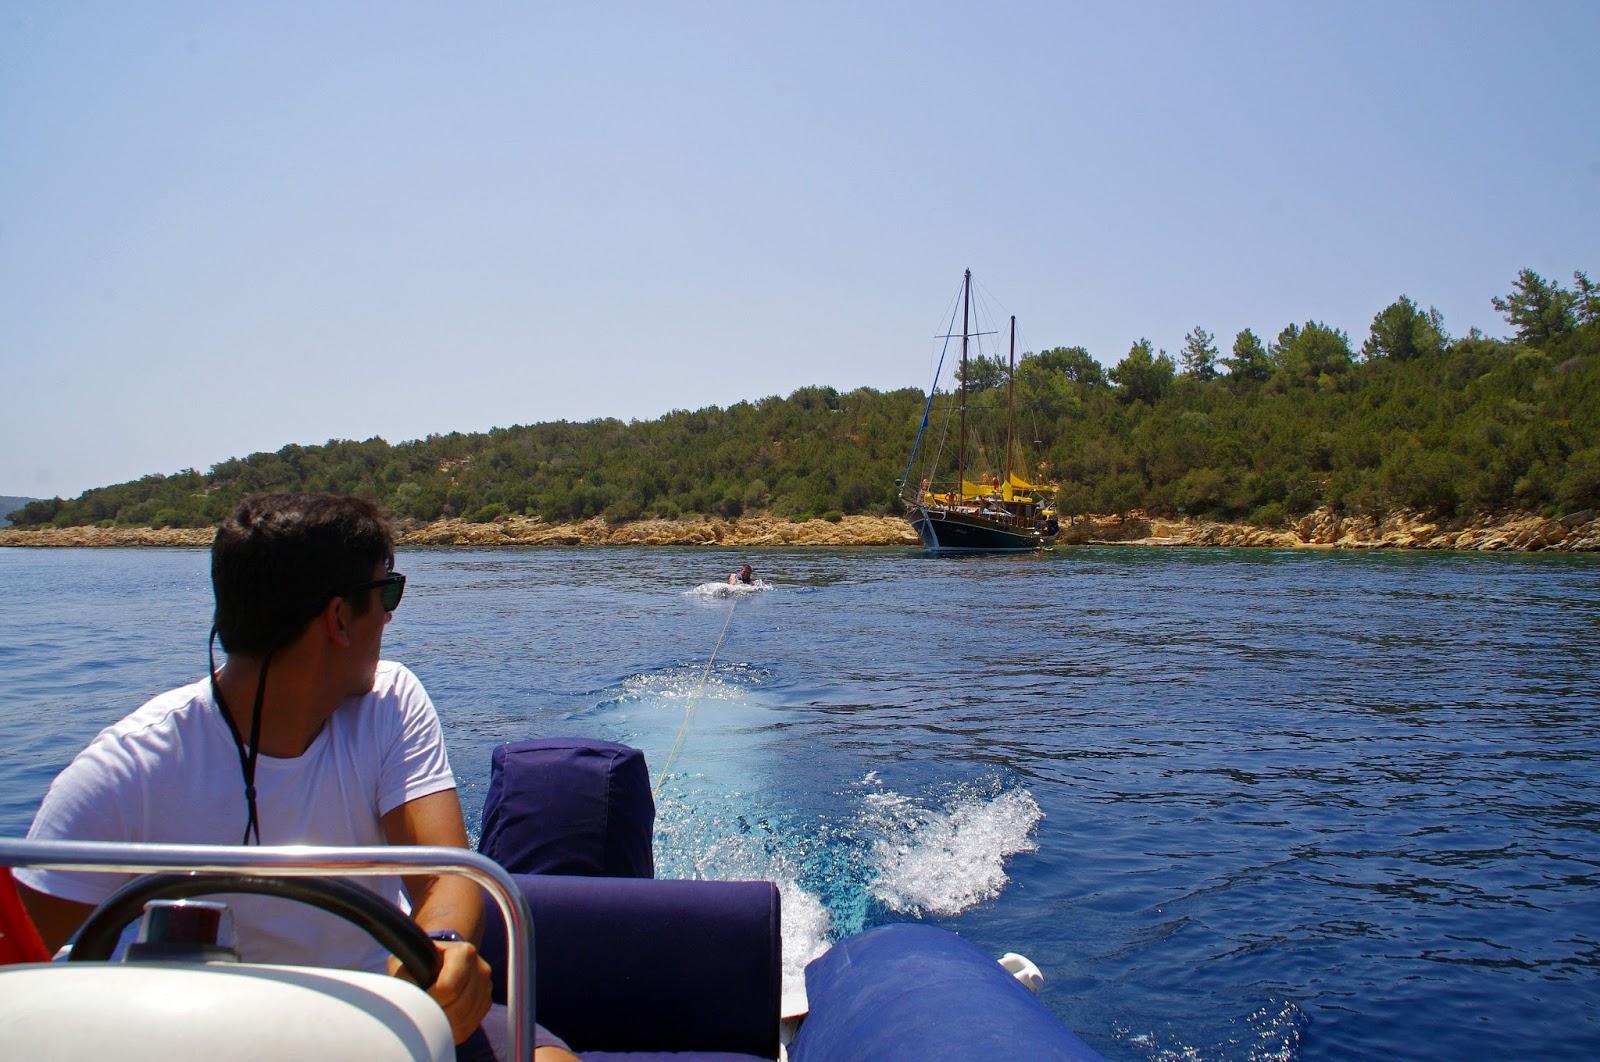 Kneeboarding in Turkey